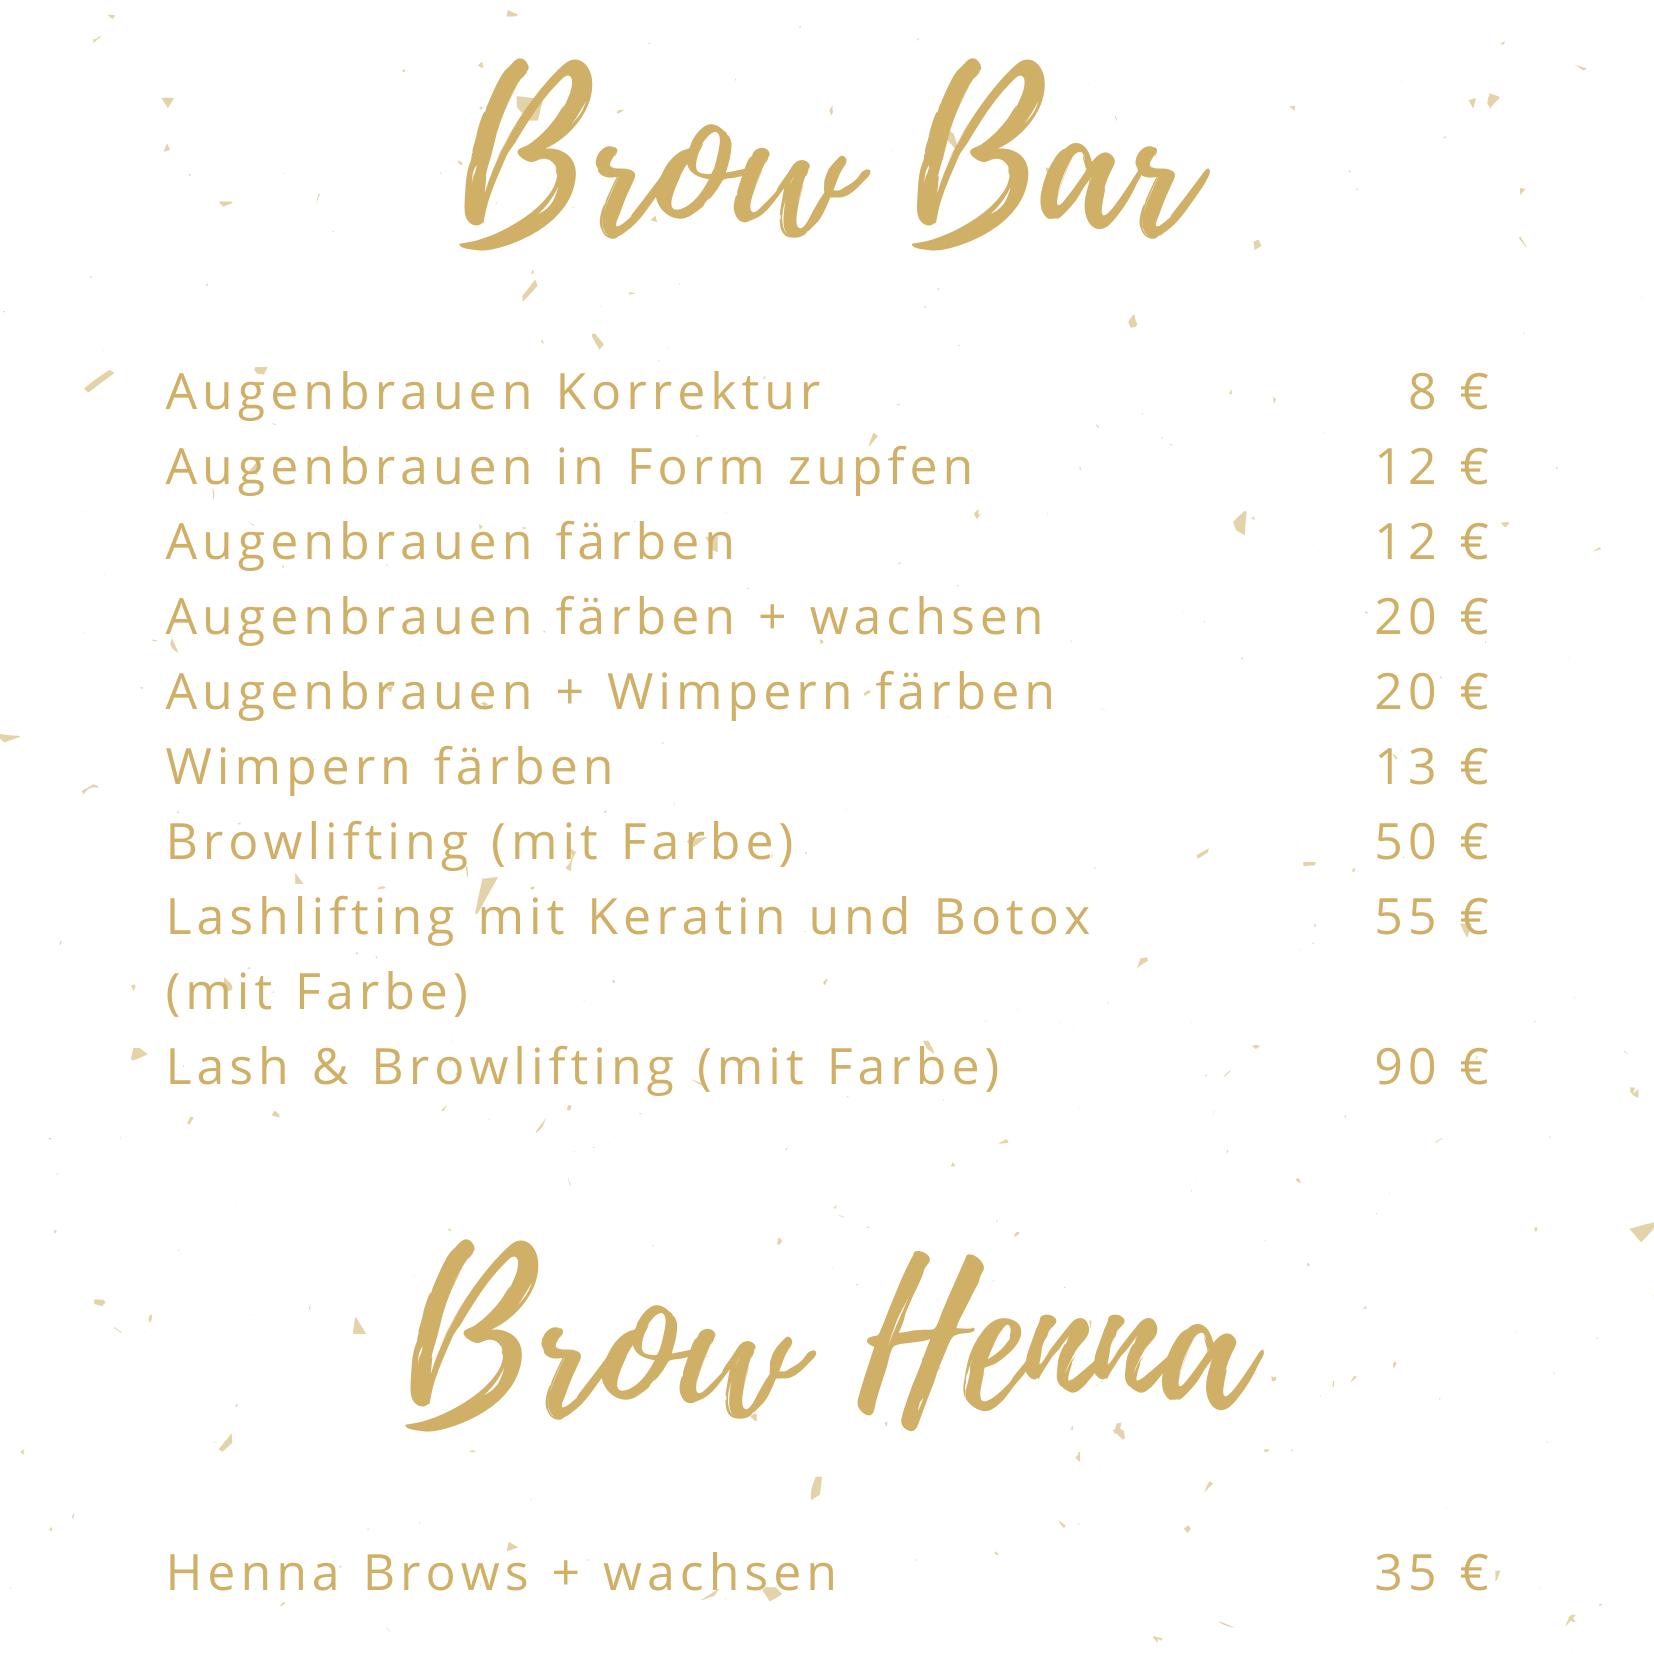 Brow Bar AugenbrauenKorrektur 8 € Augenbrauen in Form zupfen 12 € Augenbrauen färben 12 € Augenbrauen färben + wachsen 20 € Augenbrauen + Wimpern färben 20 € Wimpern färben 13 € Browlifting (mit Farbe) 50 € Lashlifting mit Keratin und Botox (mit Farbe) 55 € Lash & Brwolifting (mit Farbe) 90 € Brow Henna Henna Brows + wachsen 35 €